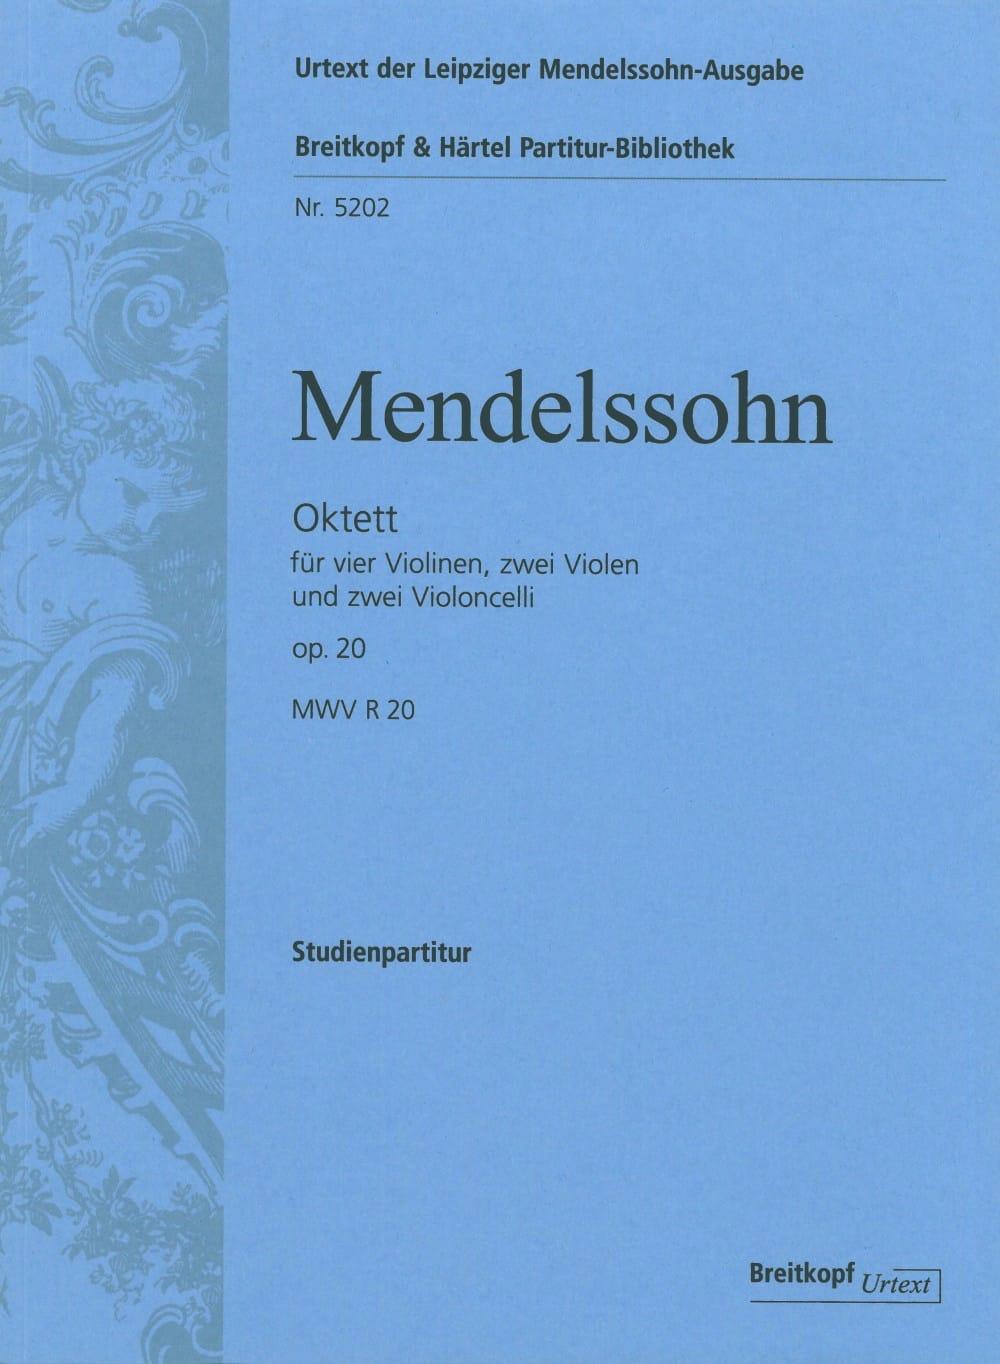 MENDELSSOHN - Octuor op. 20 - Driver - Partition - di-arezzo.com